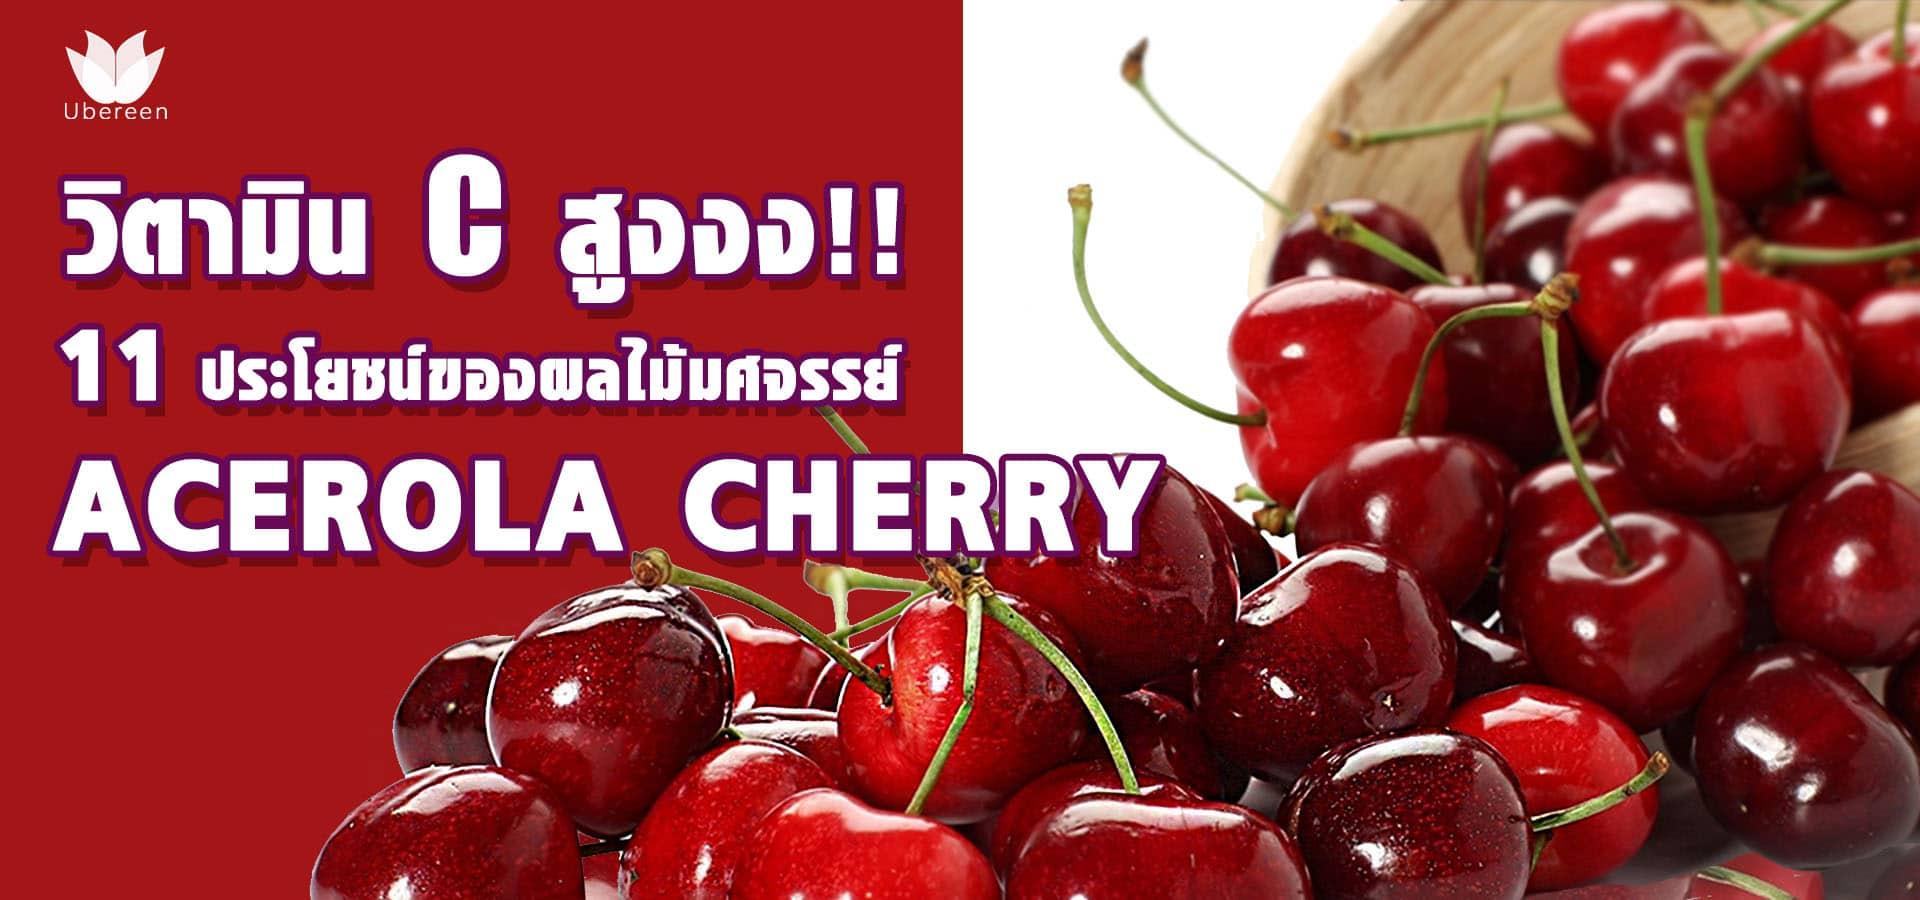 Acerola Cherry (อะเซโรล่าเชอร์รี่)